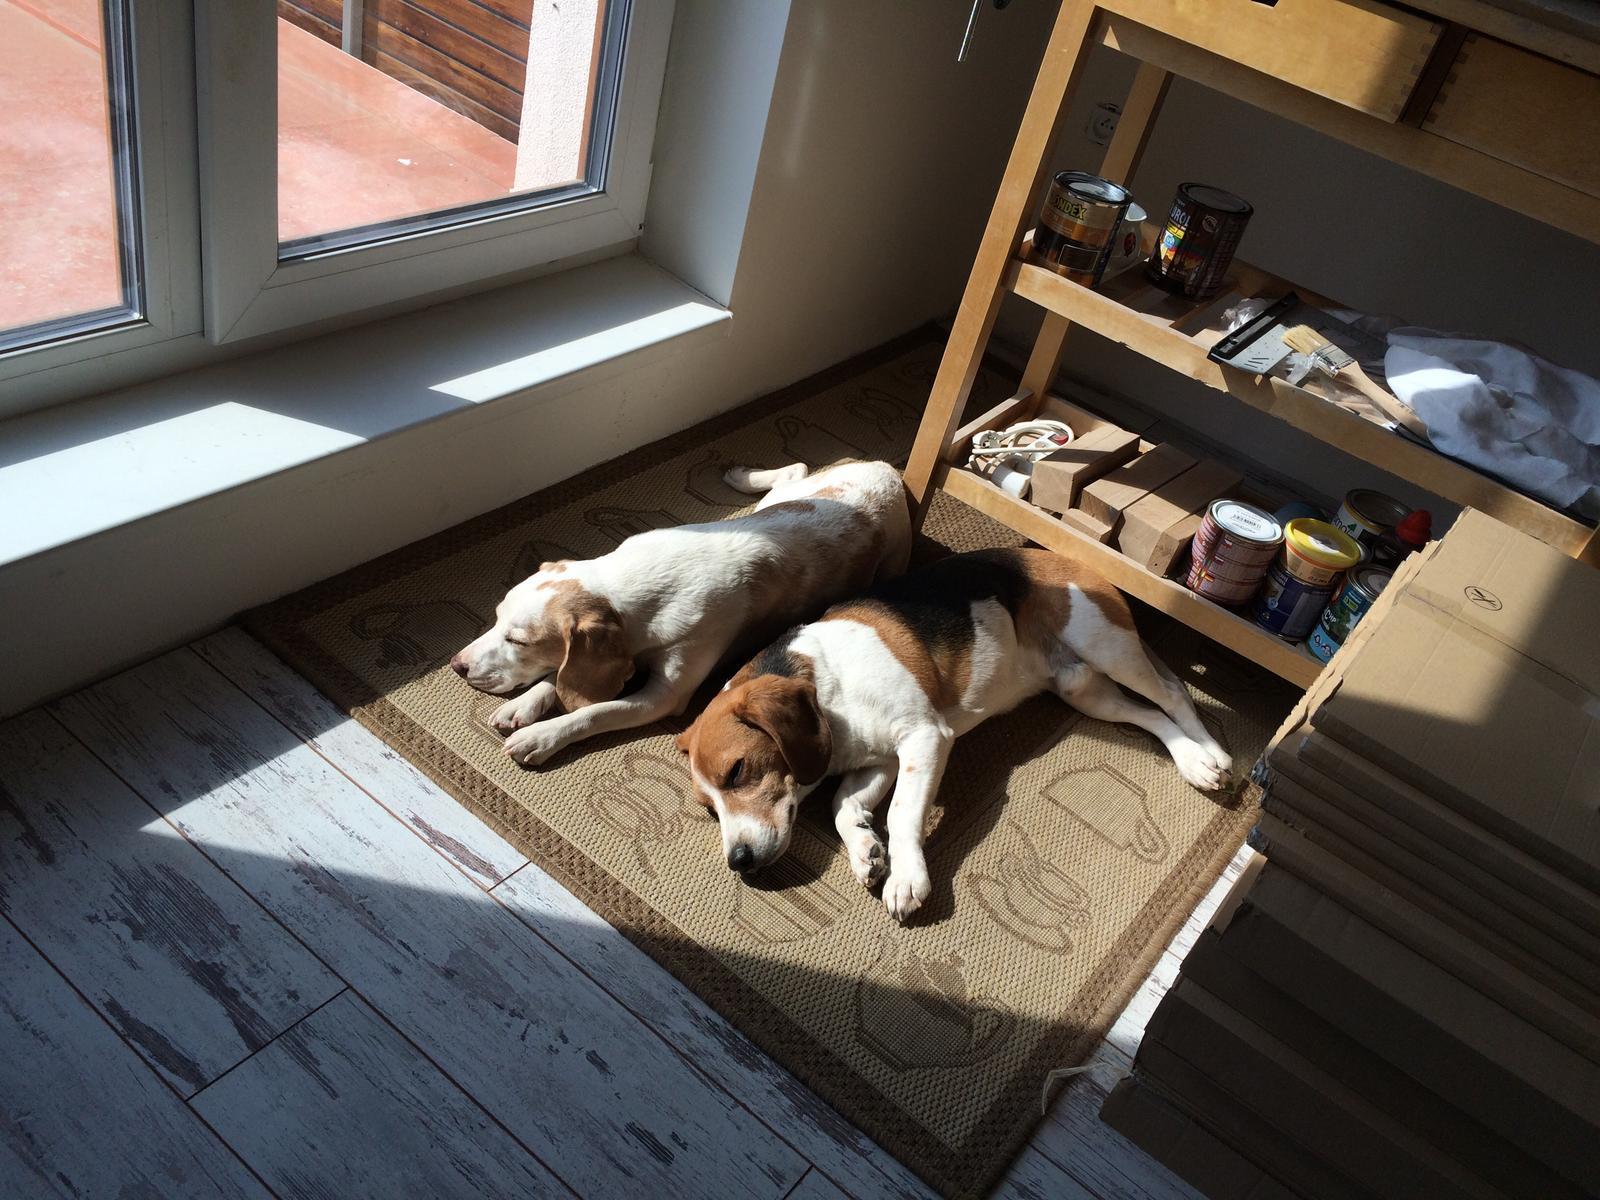 Splněný sen ... domeček - a kdyz mi pracujeme hafaci nas pekne hlidaji, nebo spise nam za zadama chrapou :)